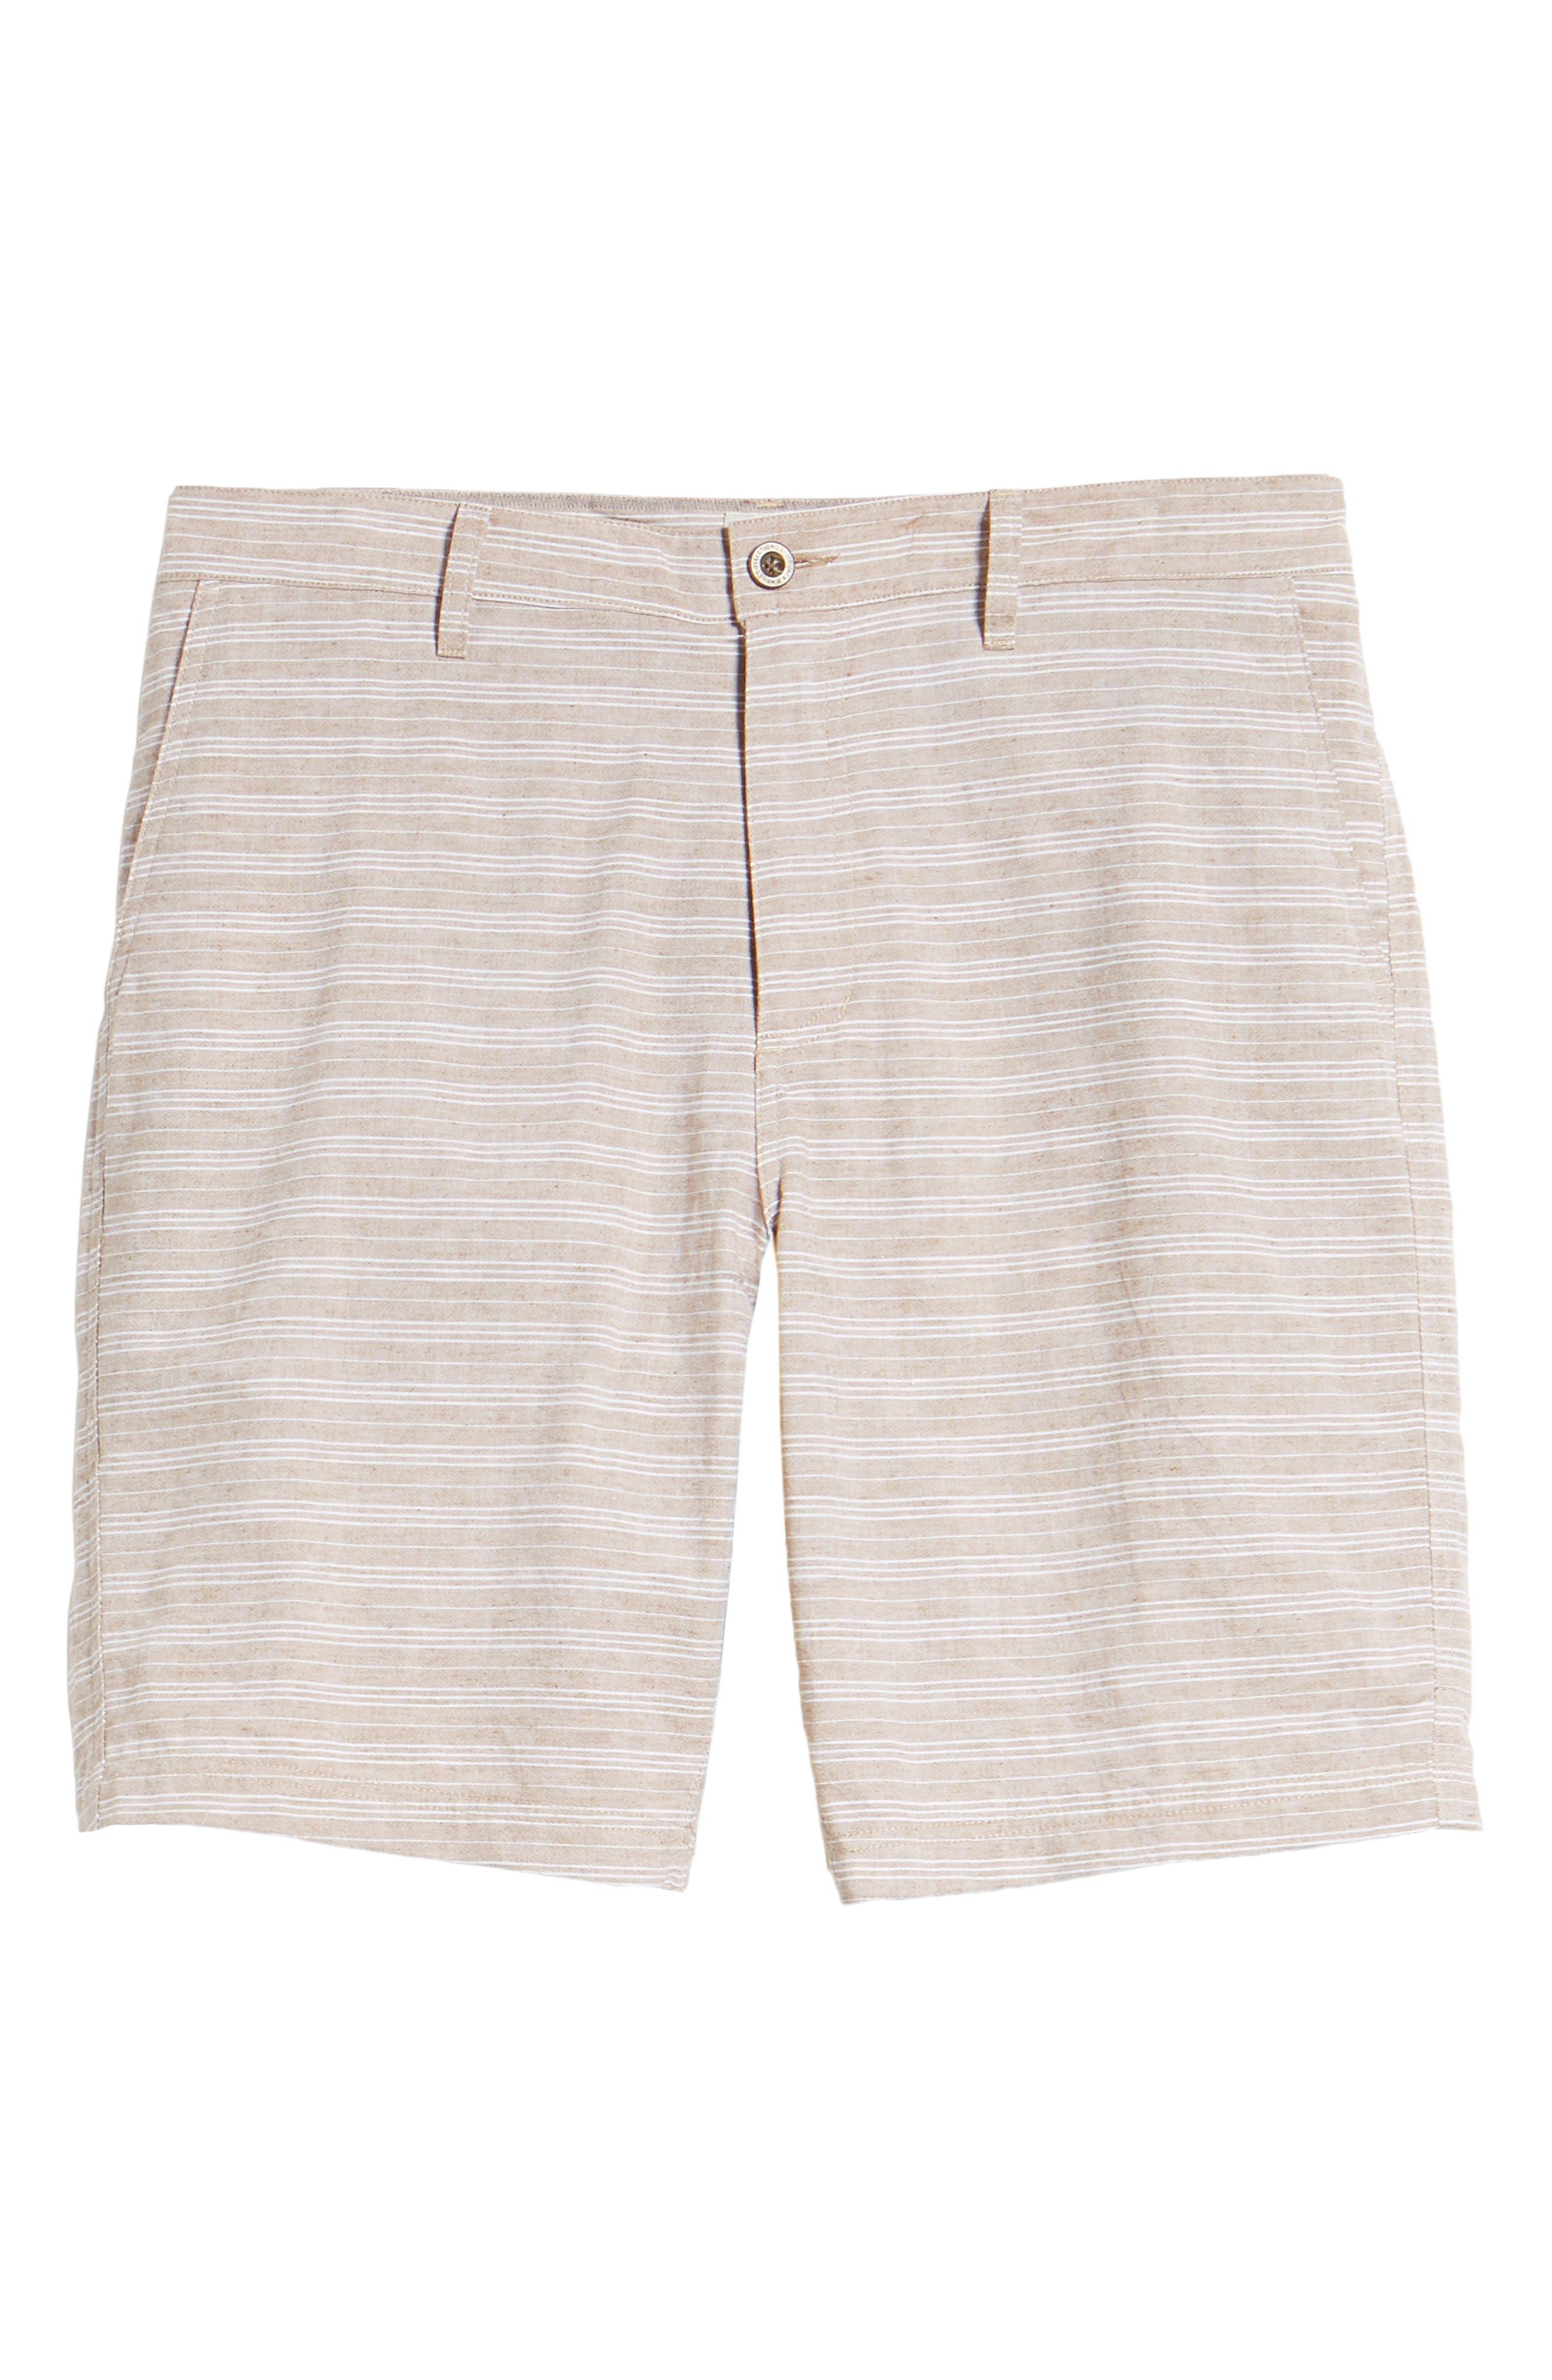 Windward Shorts,                             Alternate thumbnail 6, color,                             Tobacco